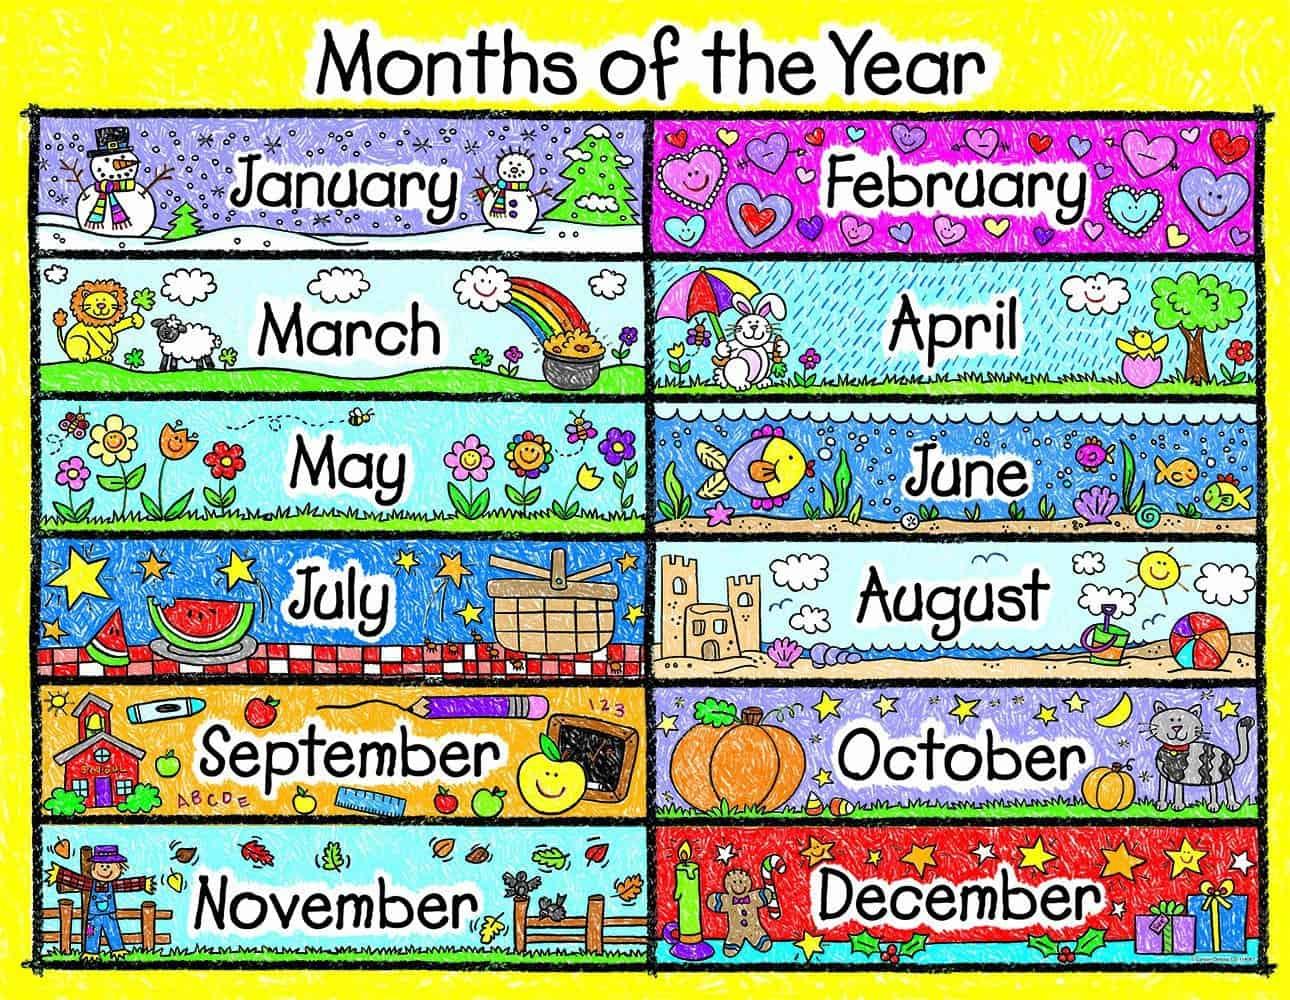 صور نتيجة 2014 calendar صور تقويم 2014 ميلادي و هجري 1435 بالعربي رزنامة  2014 كاملة و ايام الاجازات